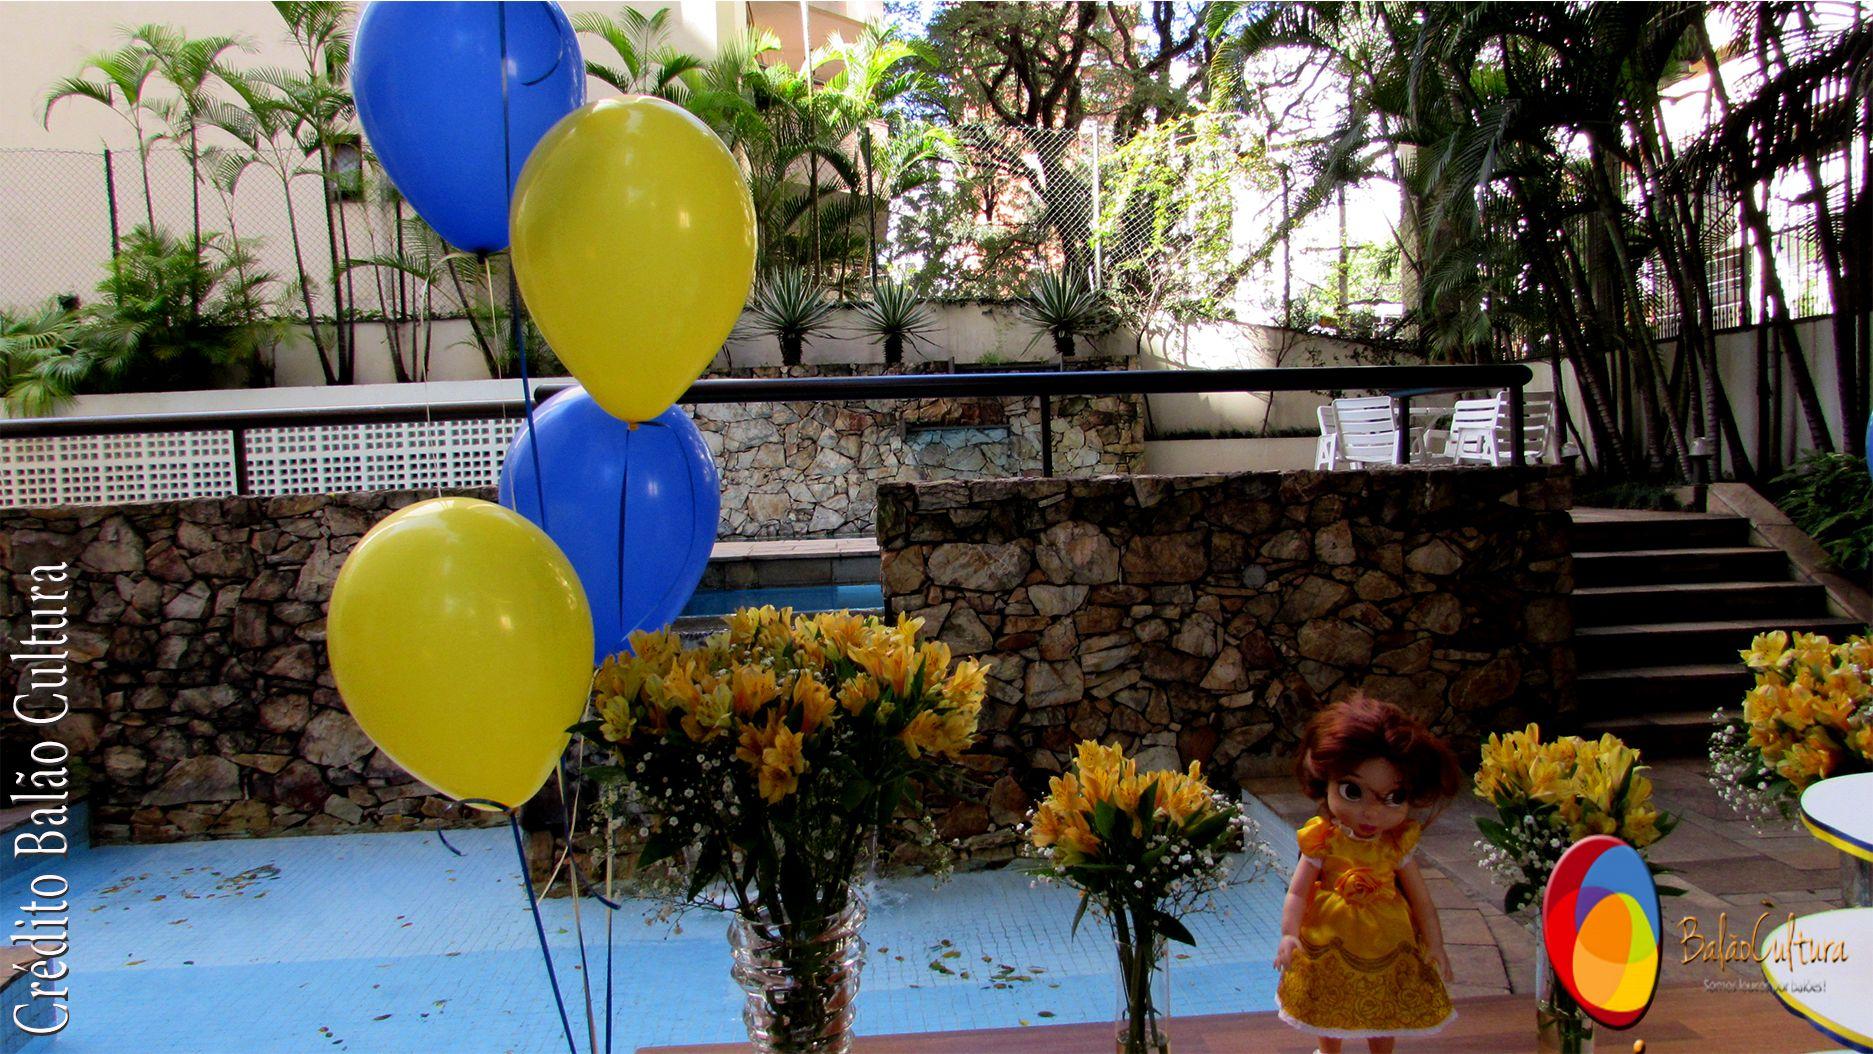 Na mesa de bebidas foram dispostos 2 bouquets com balões de 9 polegadas nas cores amarelo e azul acompanhando o tema.   Decoração de balões e balões: Balão Cultura. www.balaocultura.com.br  Caso precise de balões ou decoração de balões consulte nos. #balaocultura #qualatex #decoraçãobelaeafera #abelaeafera